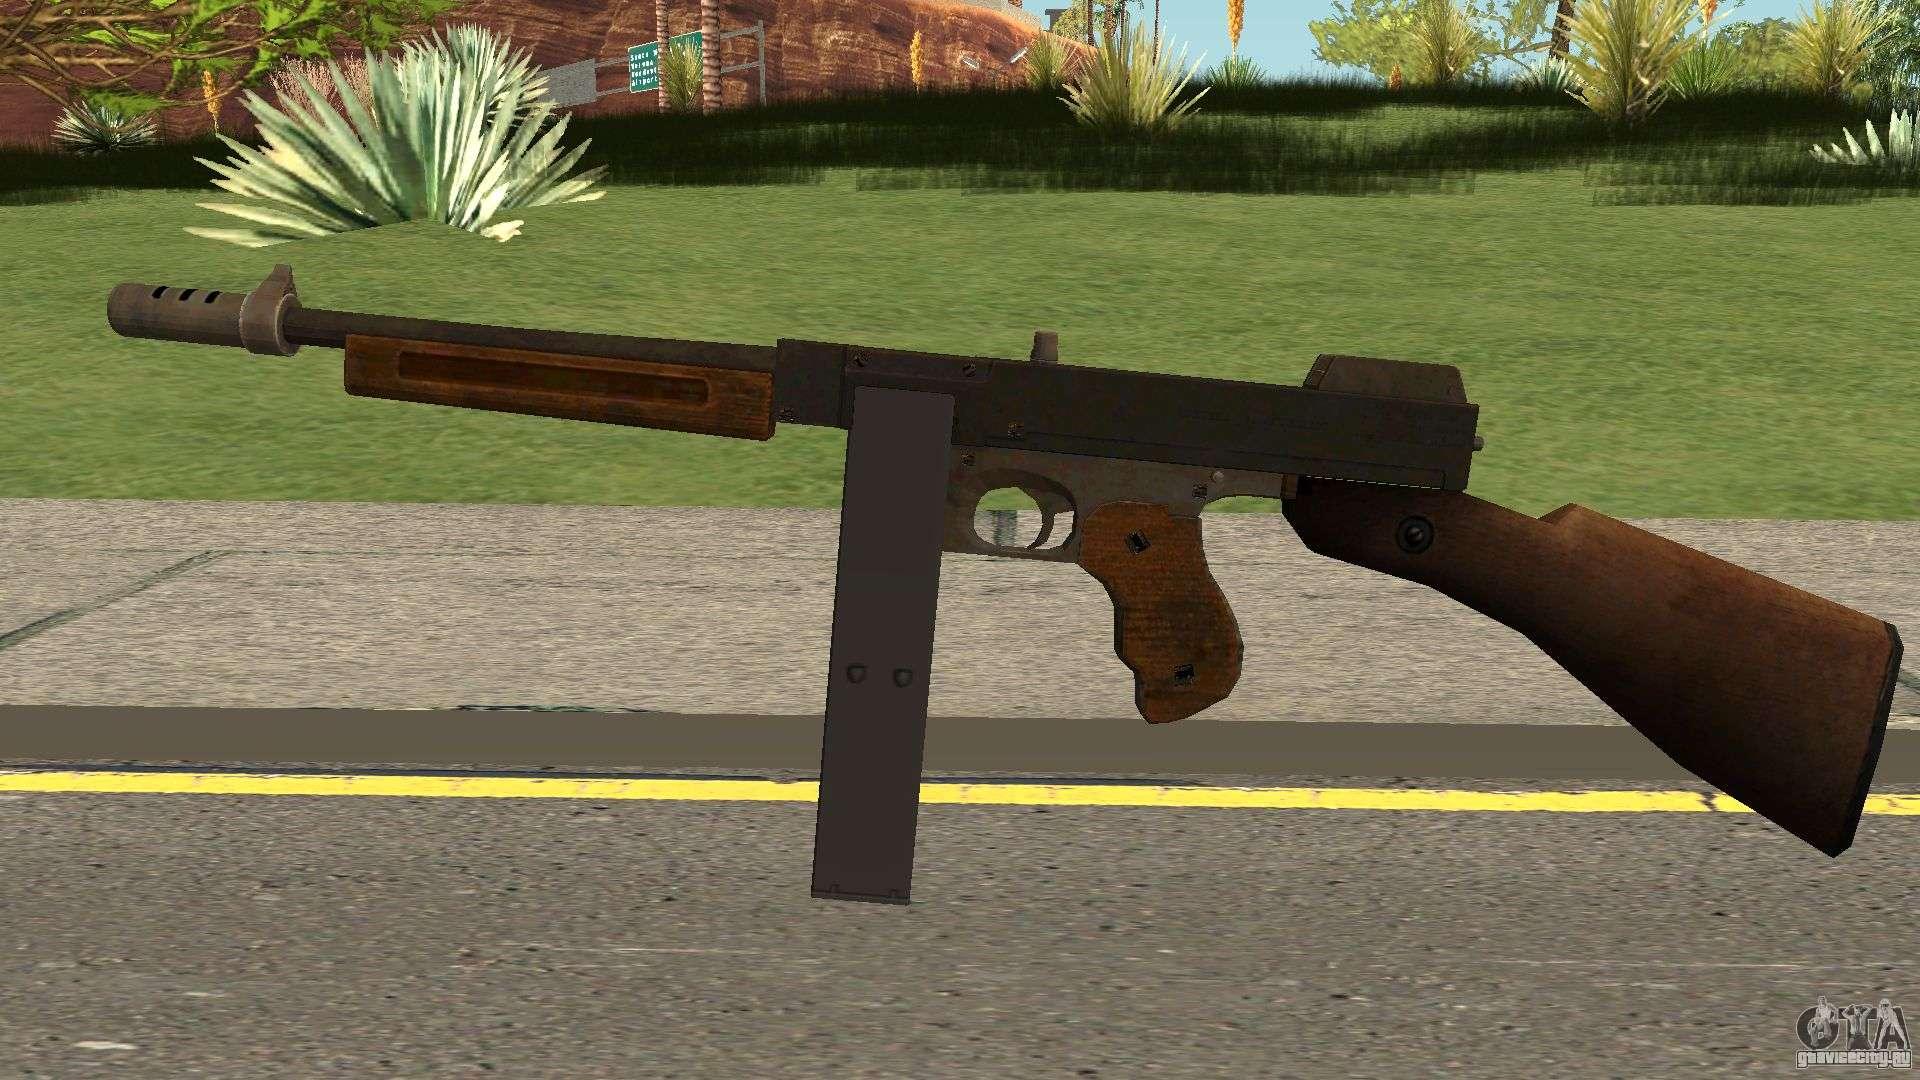 Оружие из гта сан андреас